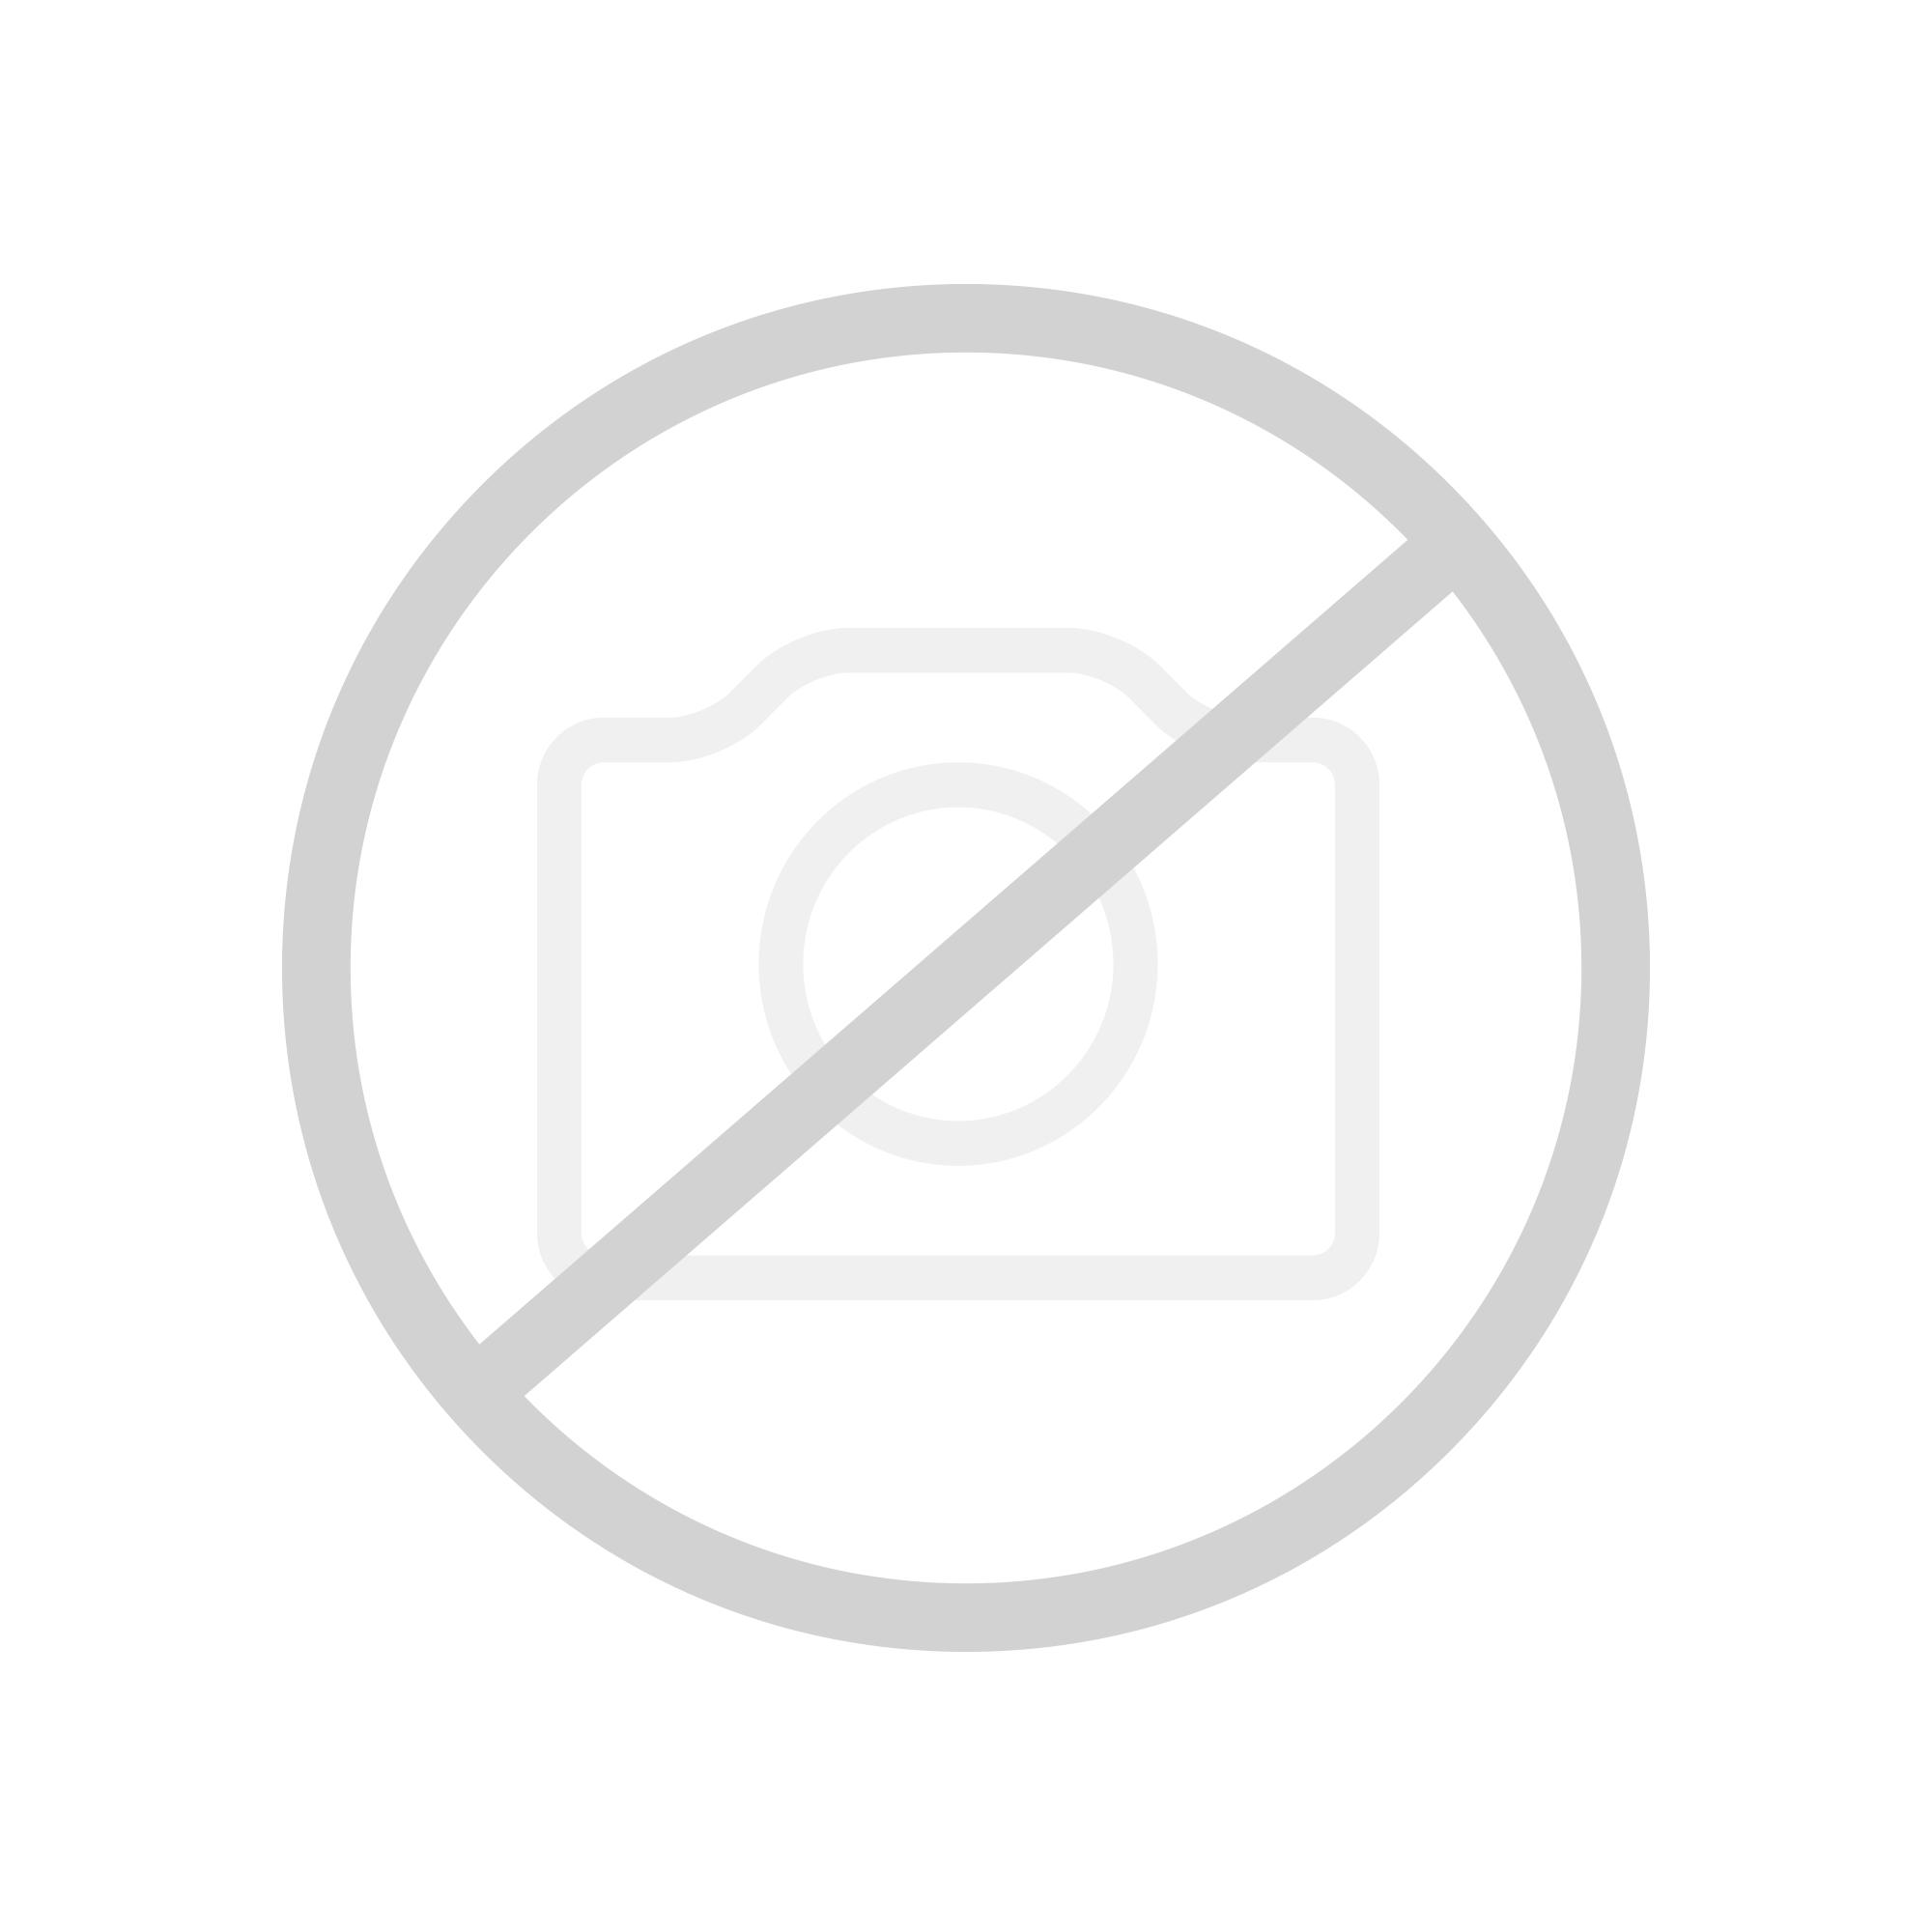 Wohnzimmereinrichtung: Wohnzimmer schön einrichten bei REUTER